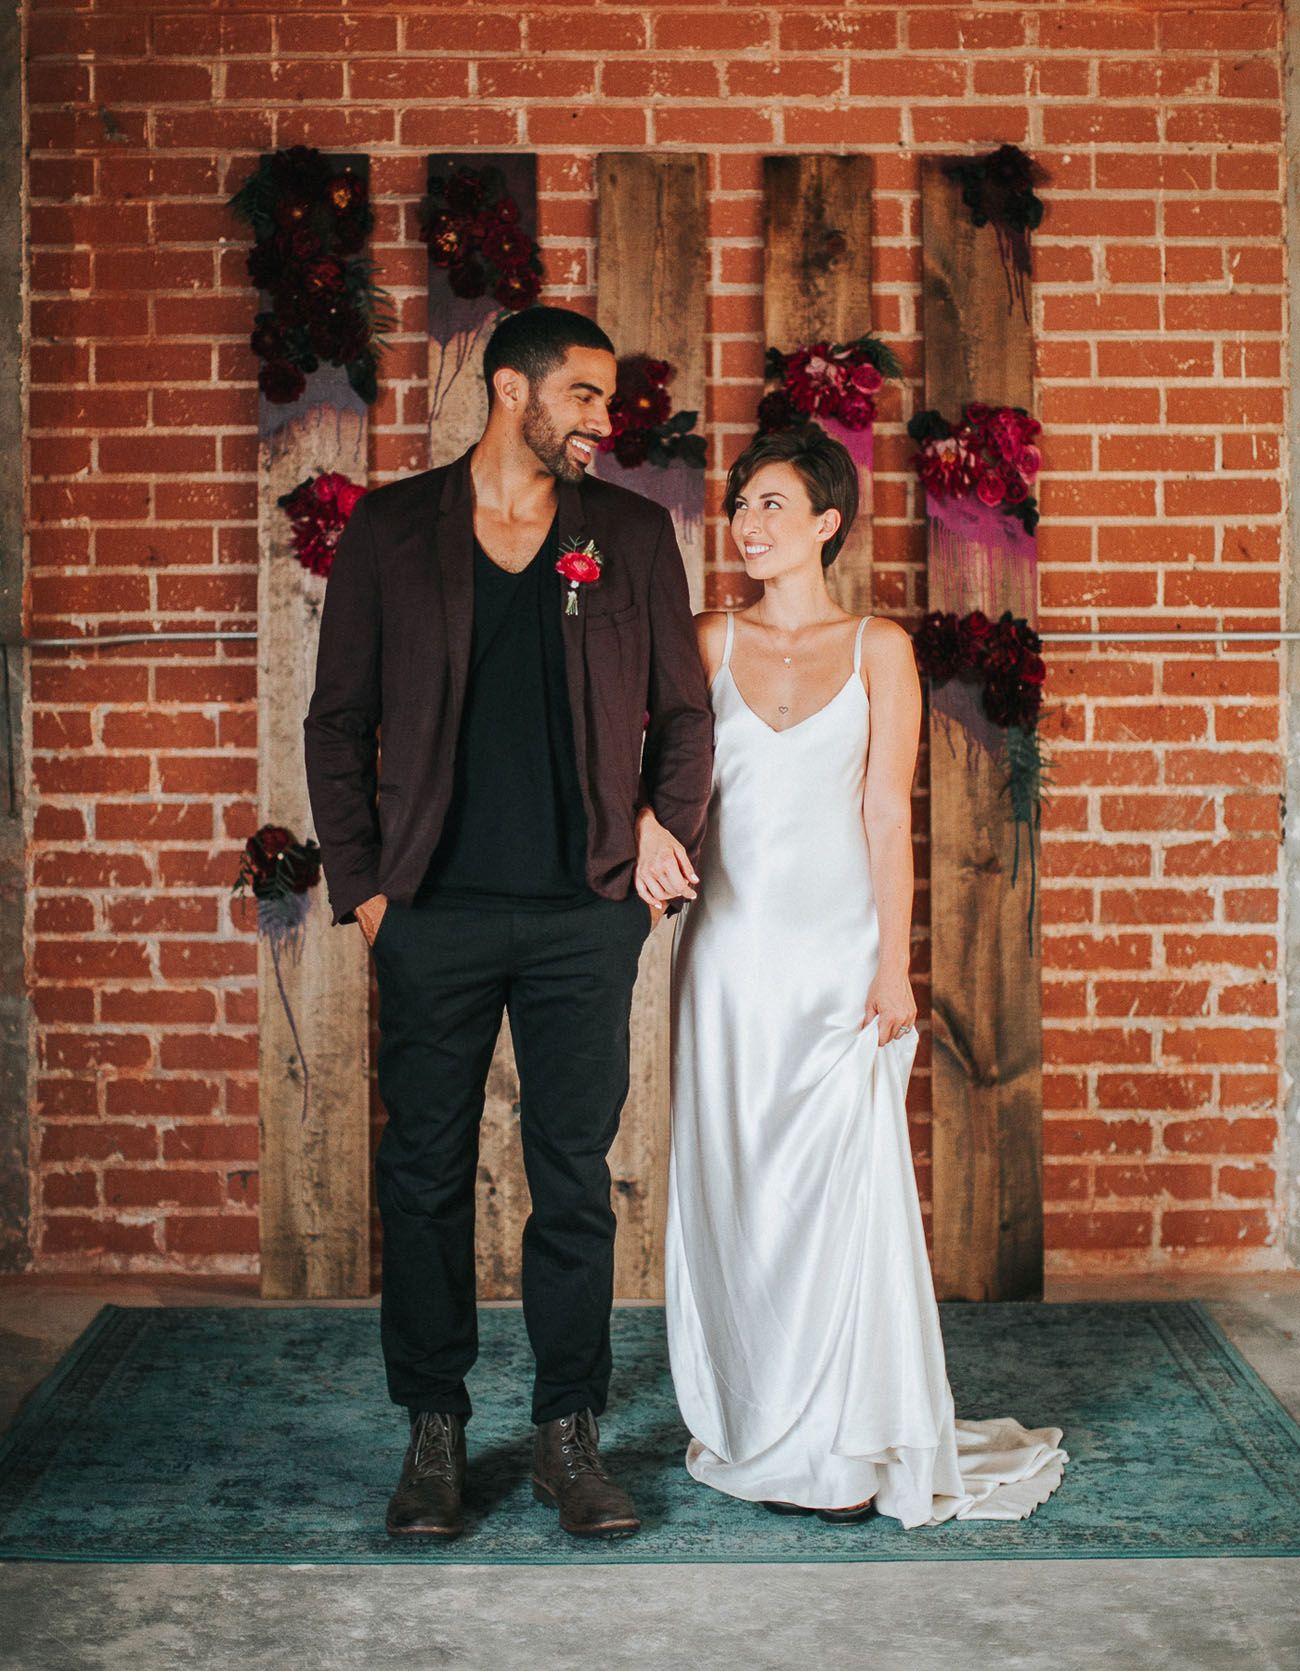 Wedding dresses downtown la  Downtown LA Cocktail Party Wedding Inspiration  Engagement